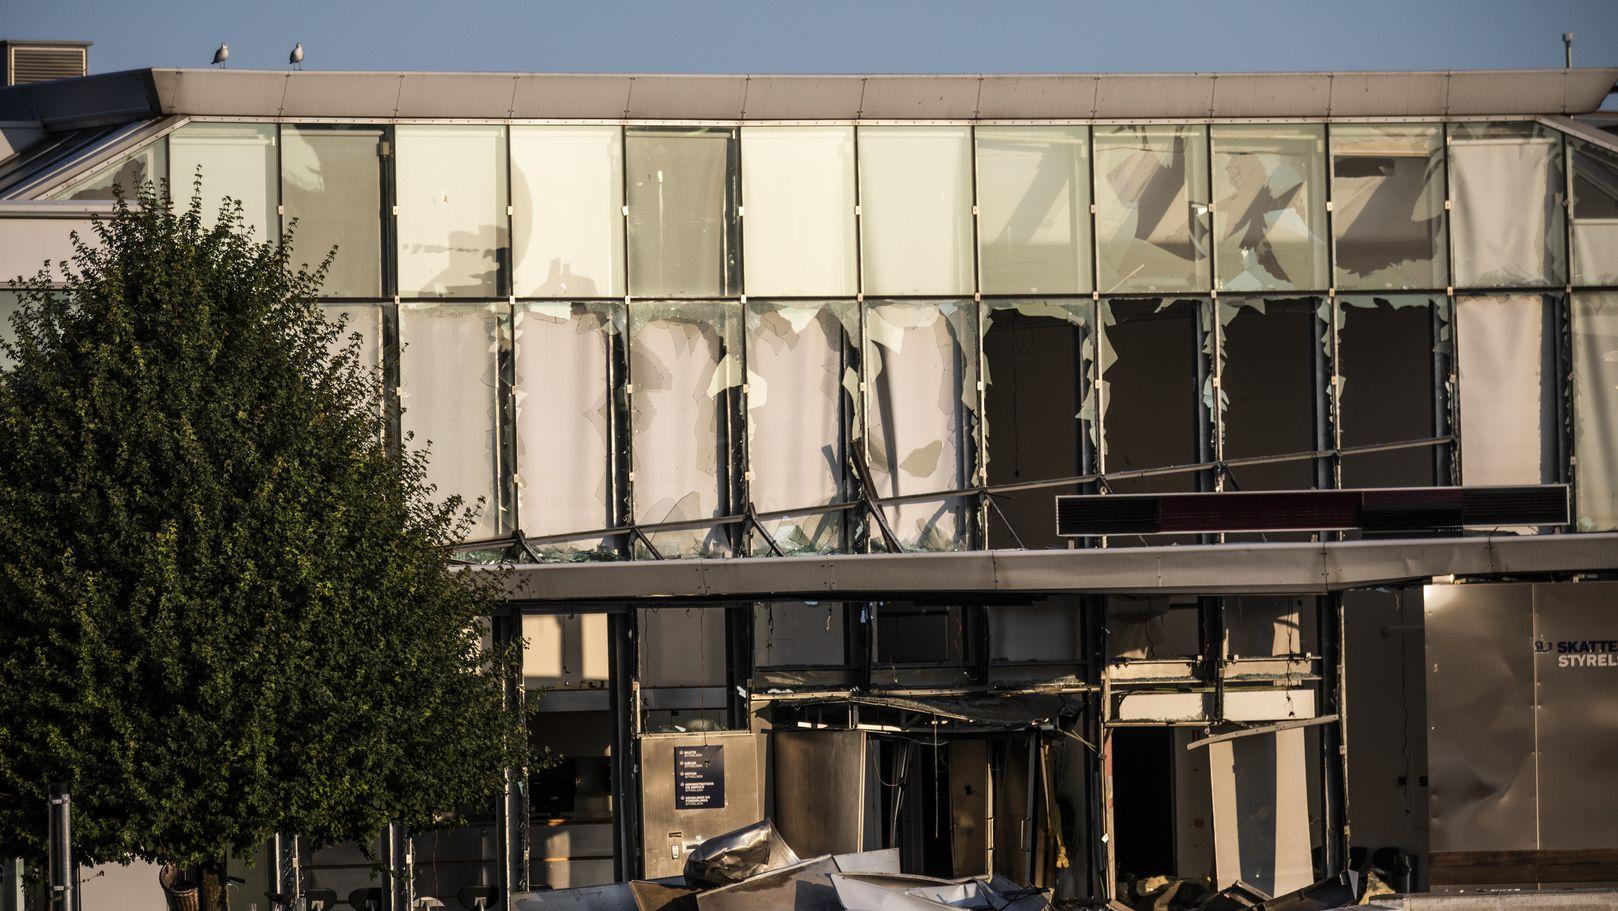 Polizei nimmt nach Explosion in Kopenhagen jungen Schweden fest